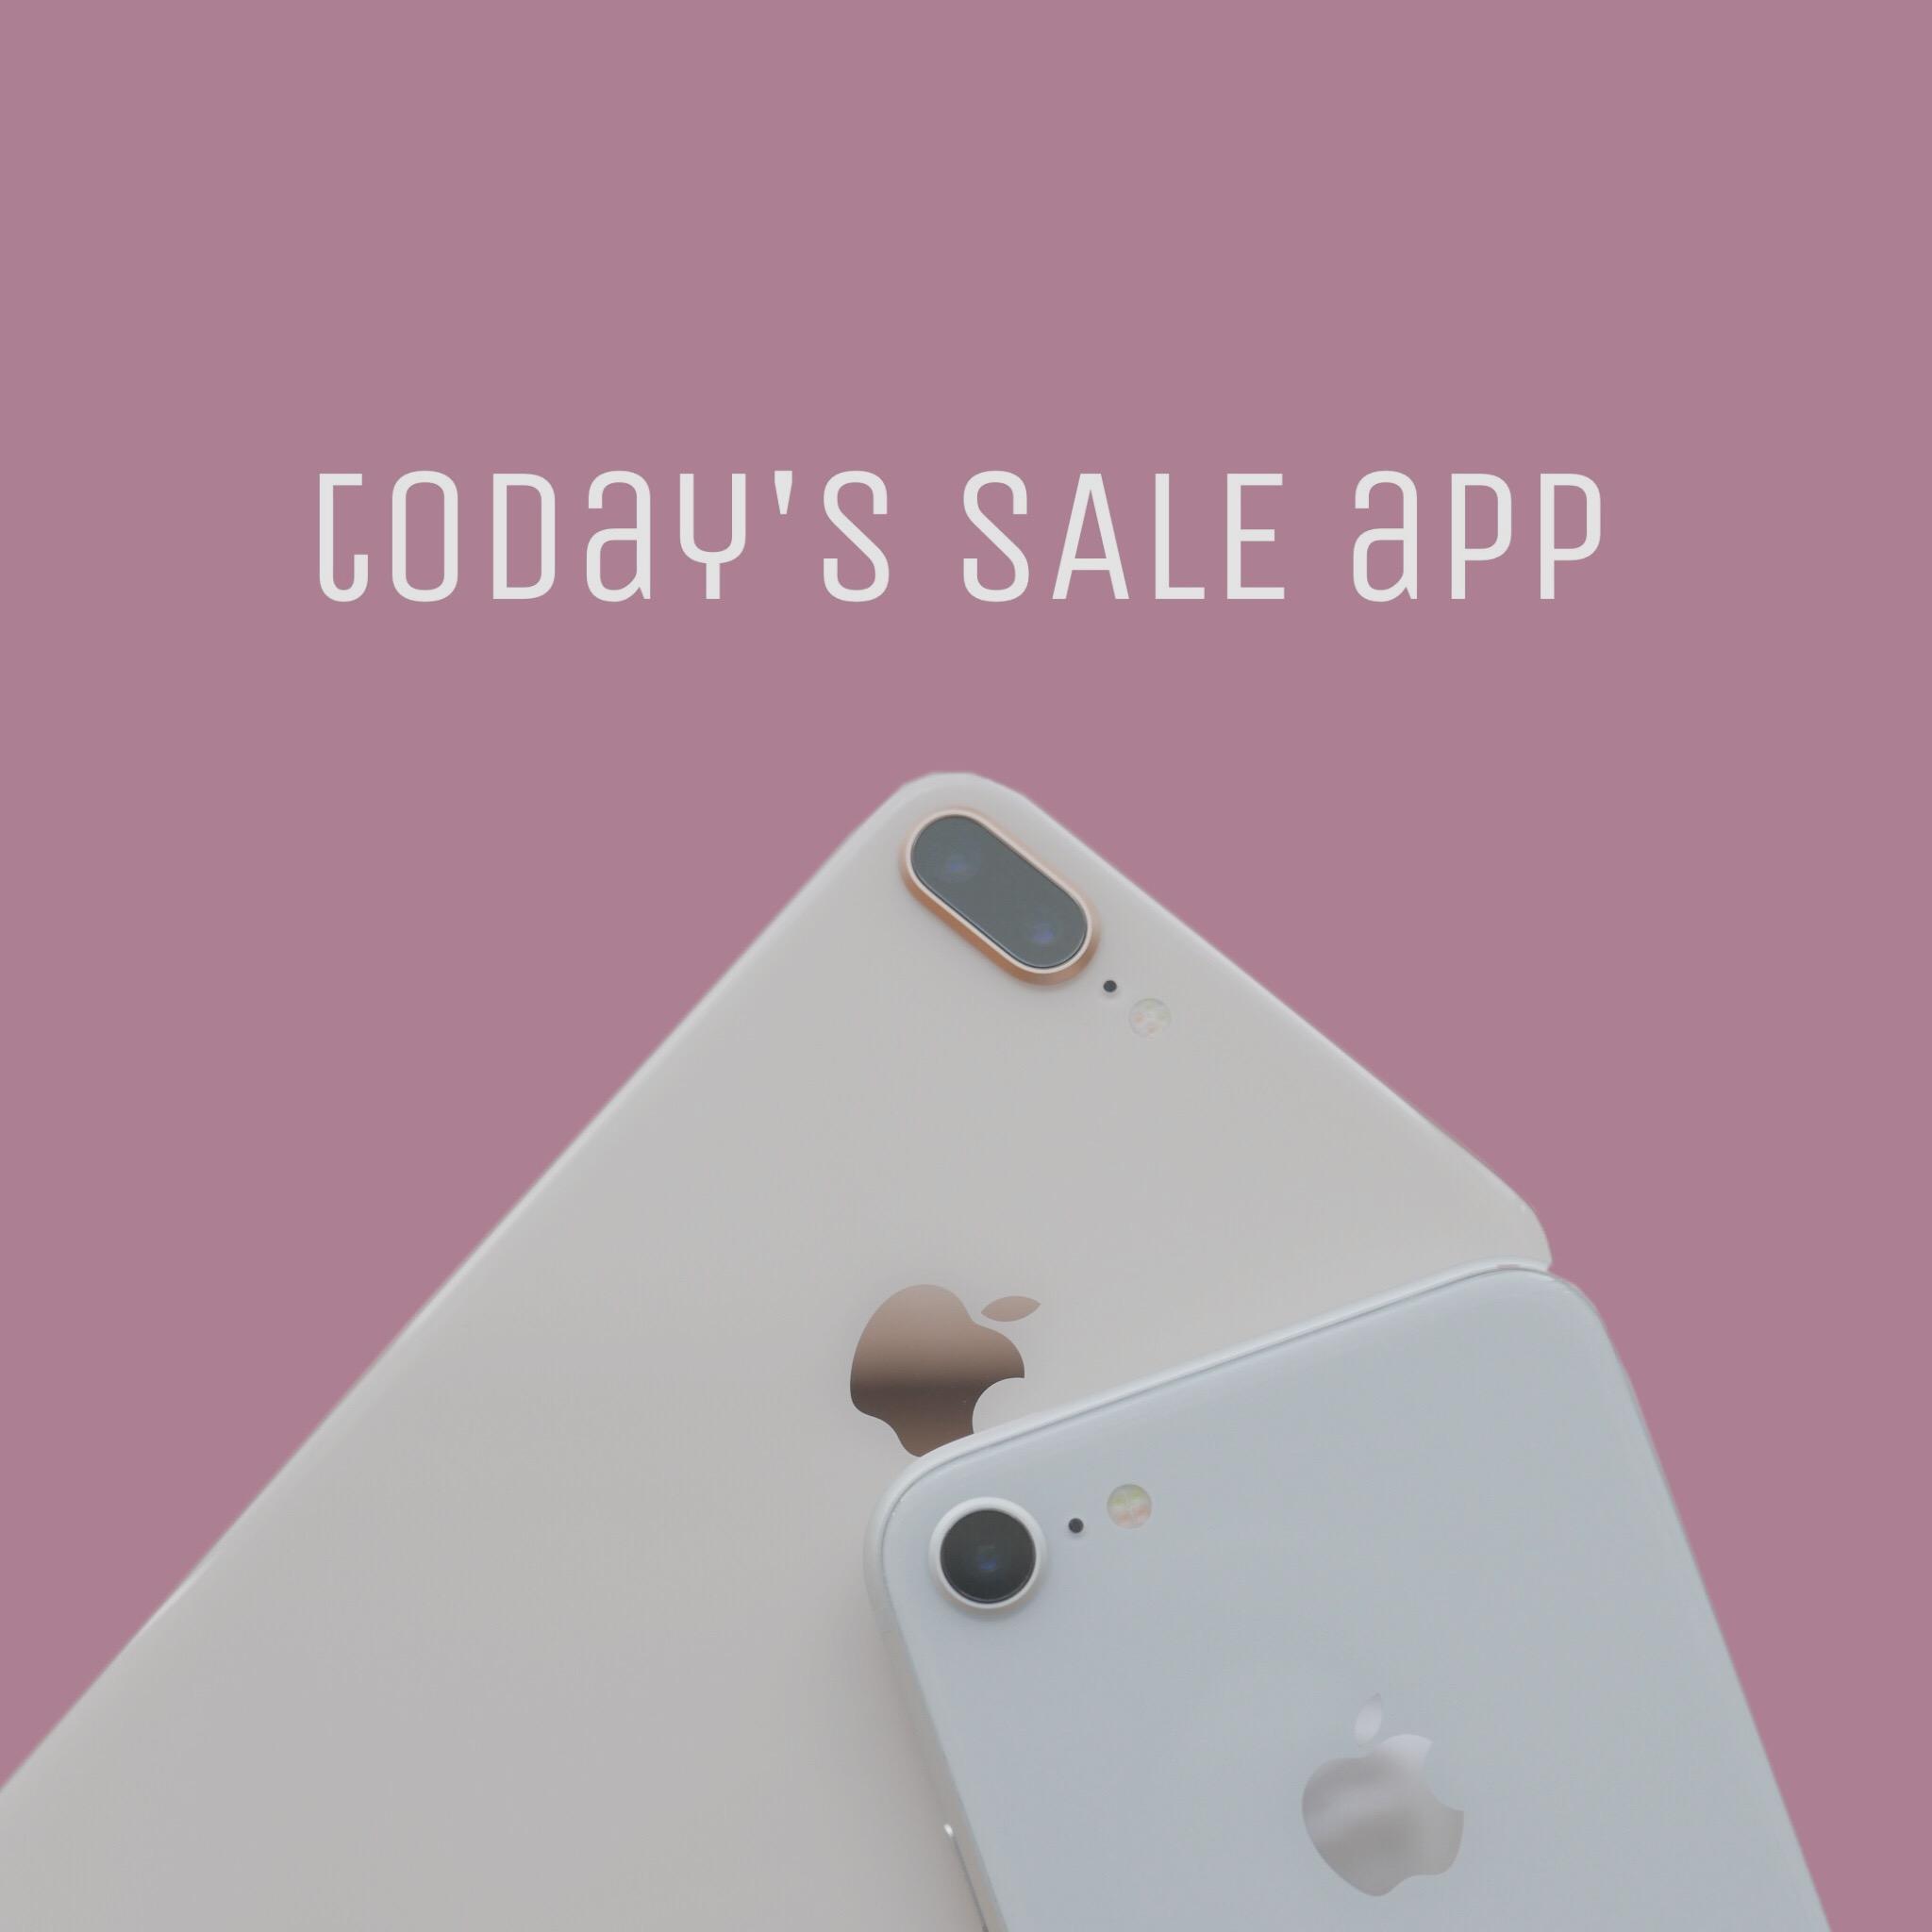 【今日の無料アプリ】1600円→960円♪あの有名な日本語入力アプリが40%オフ!「ATOK -日本語入力キーボード」他、2本を紹介!